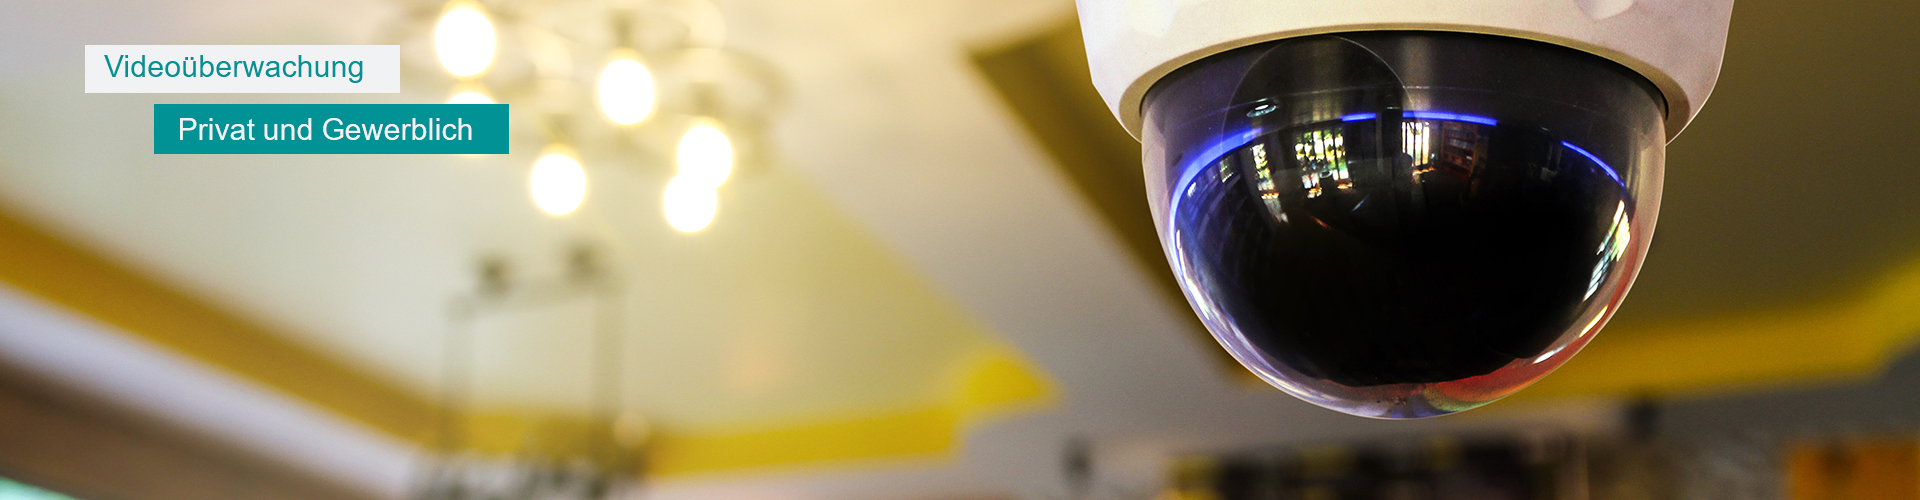 Videoüberwachung für Smarthome und Gewerbe